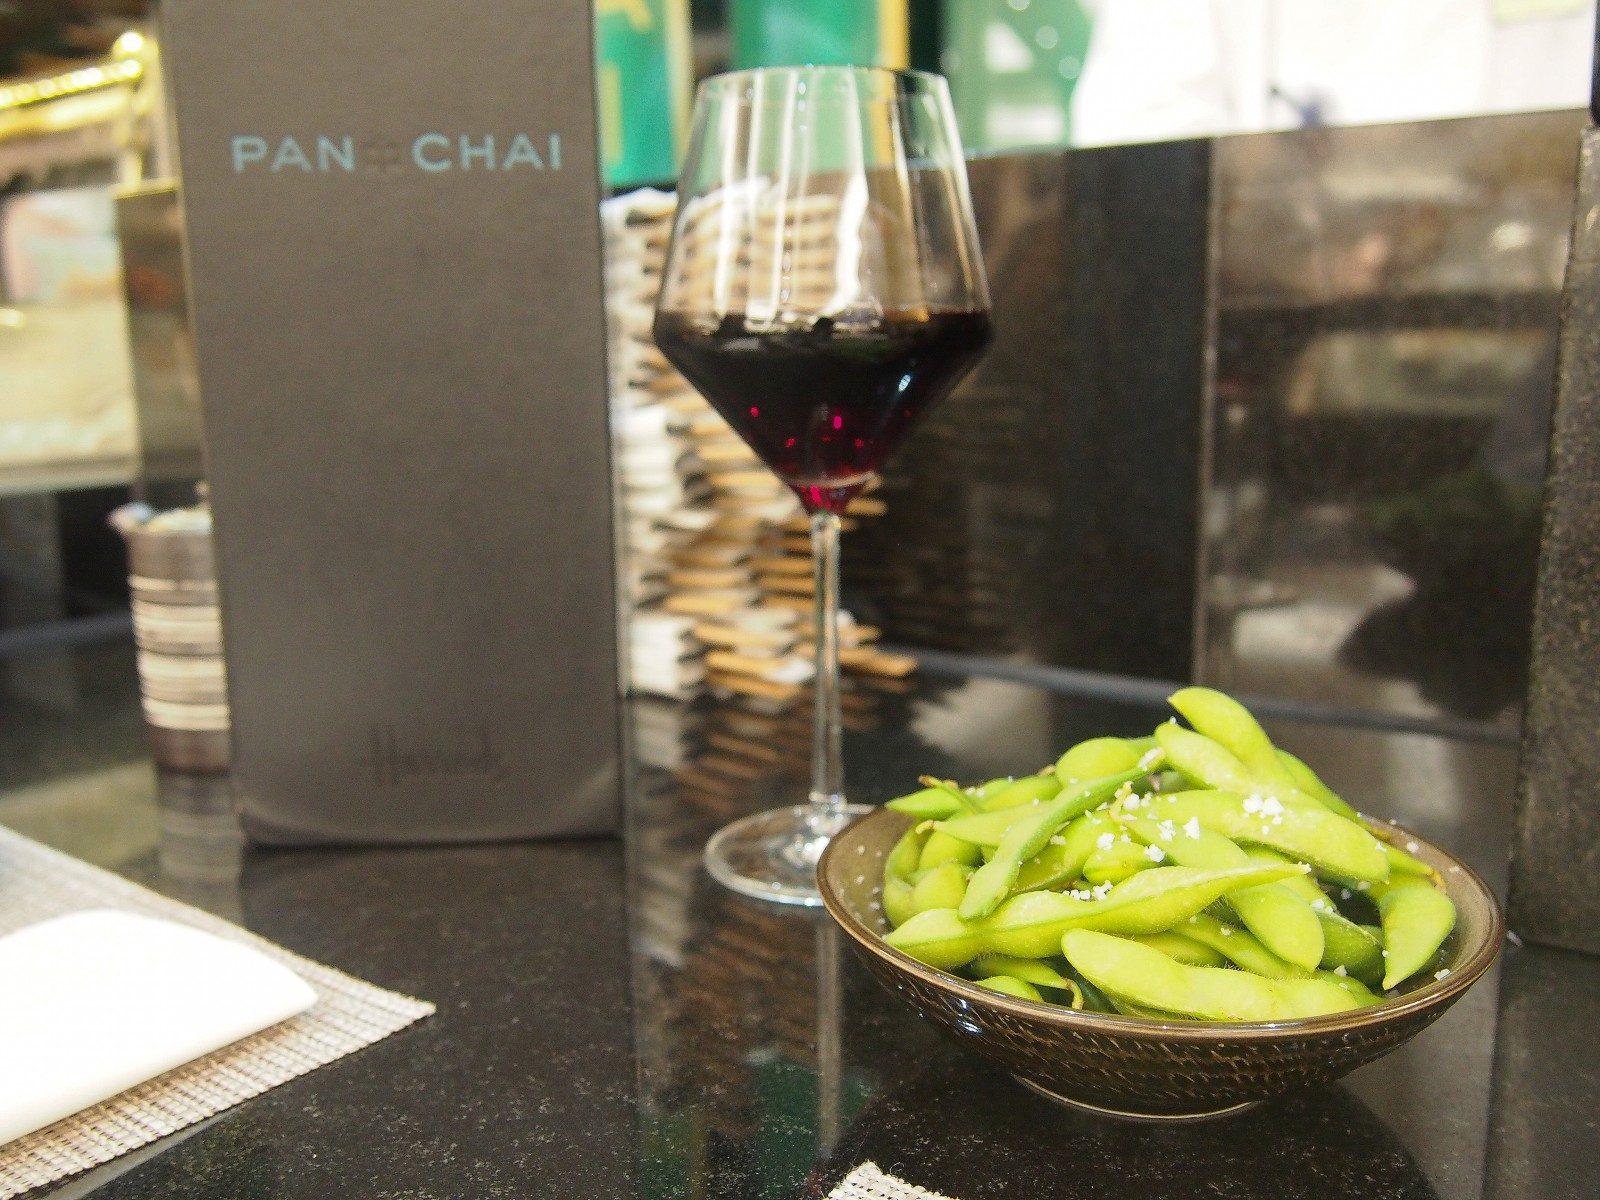 Pan Chai